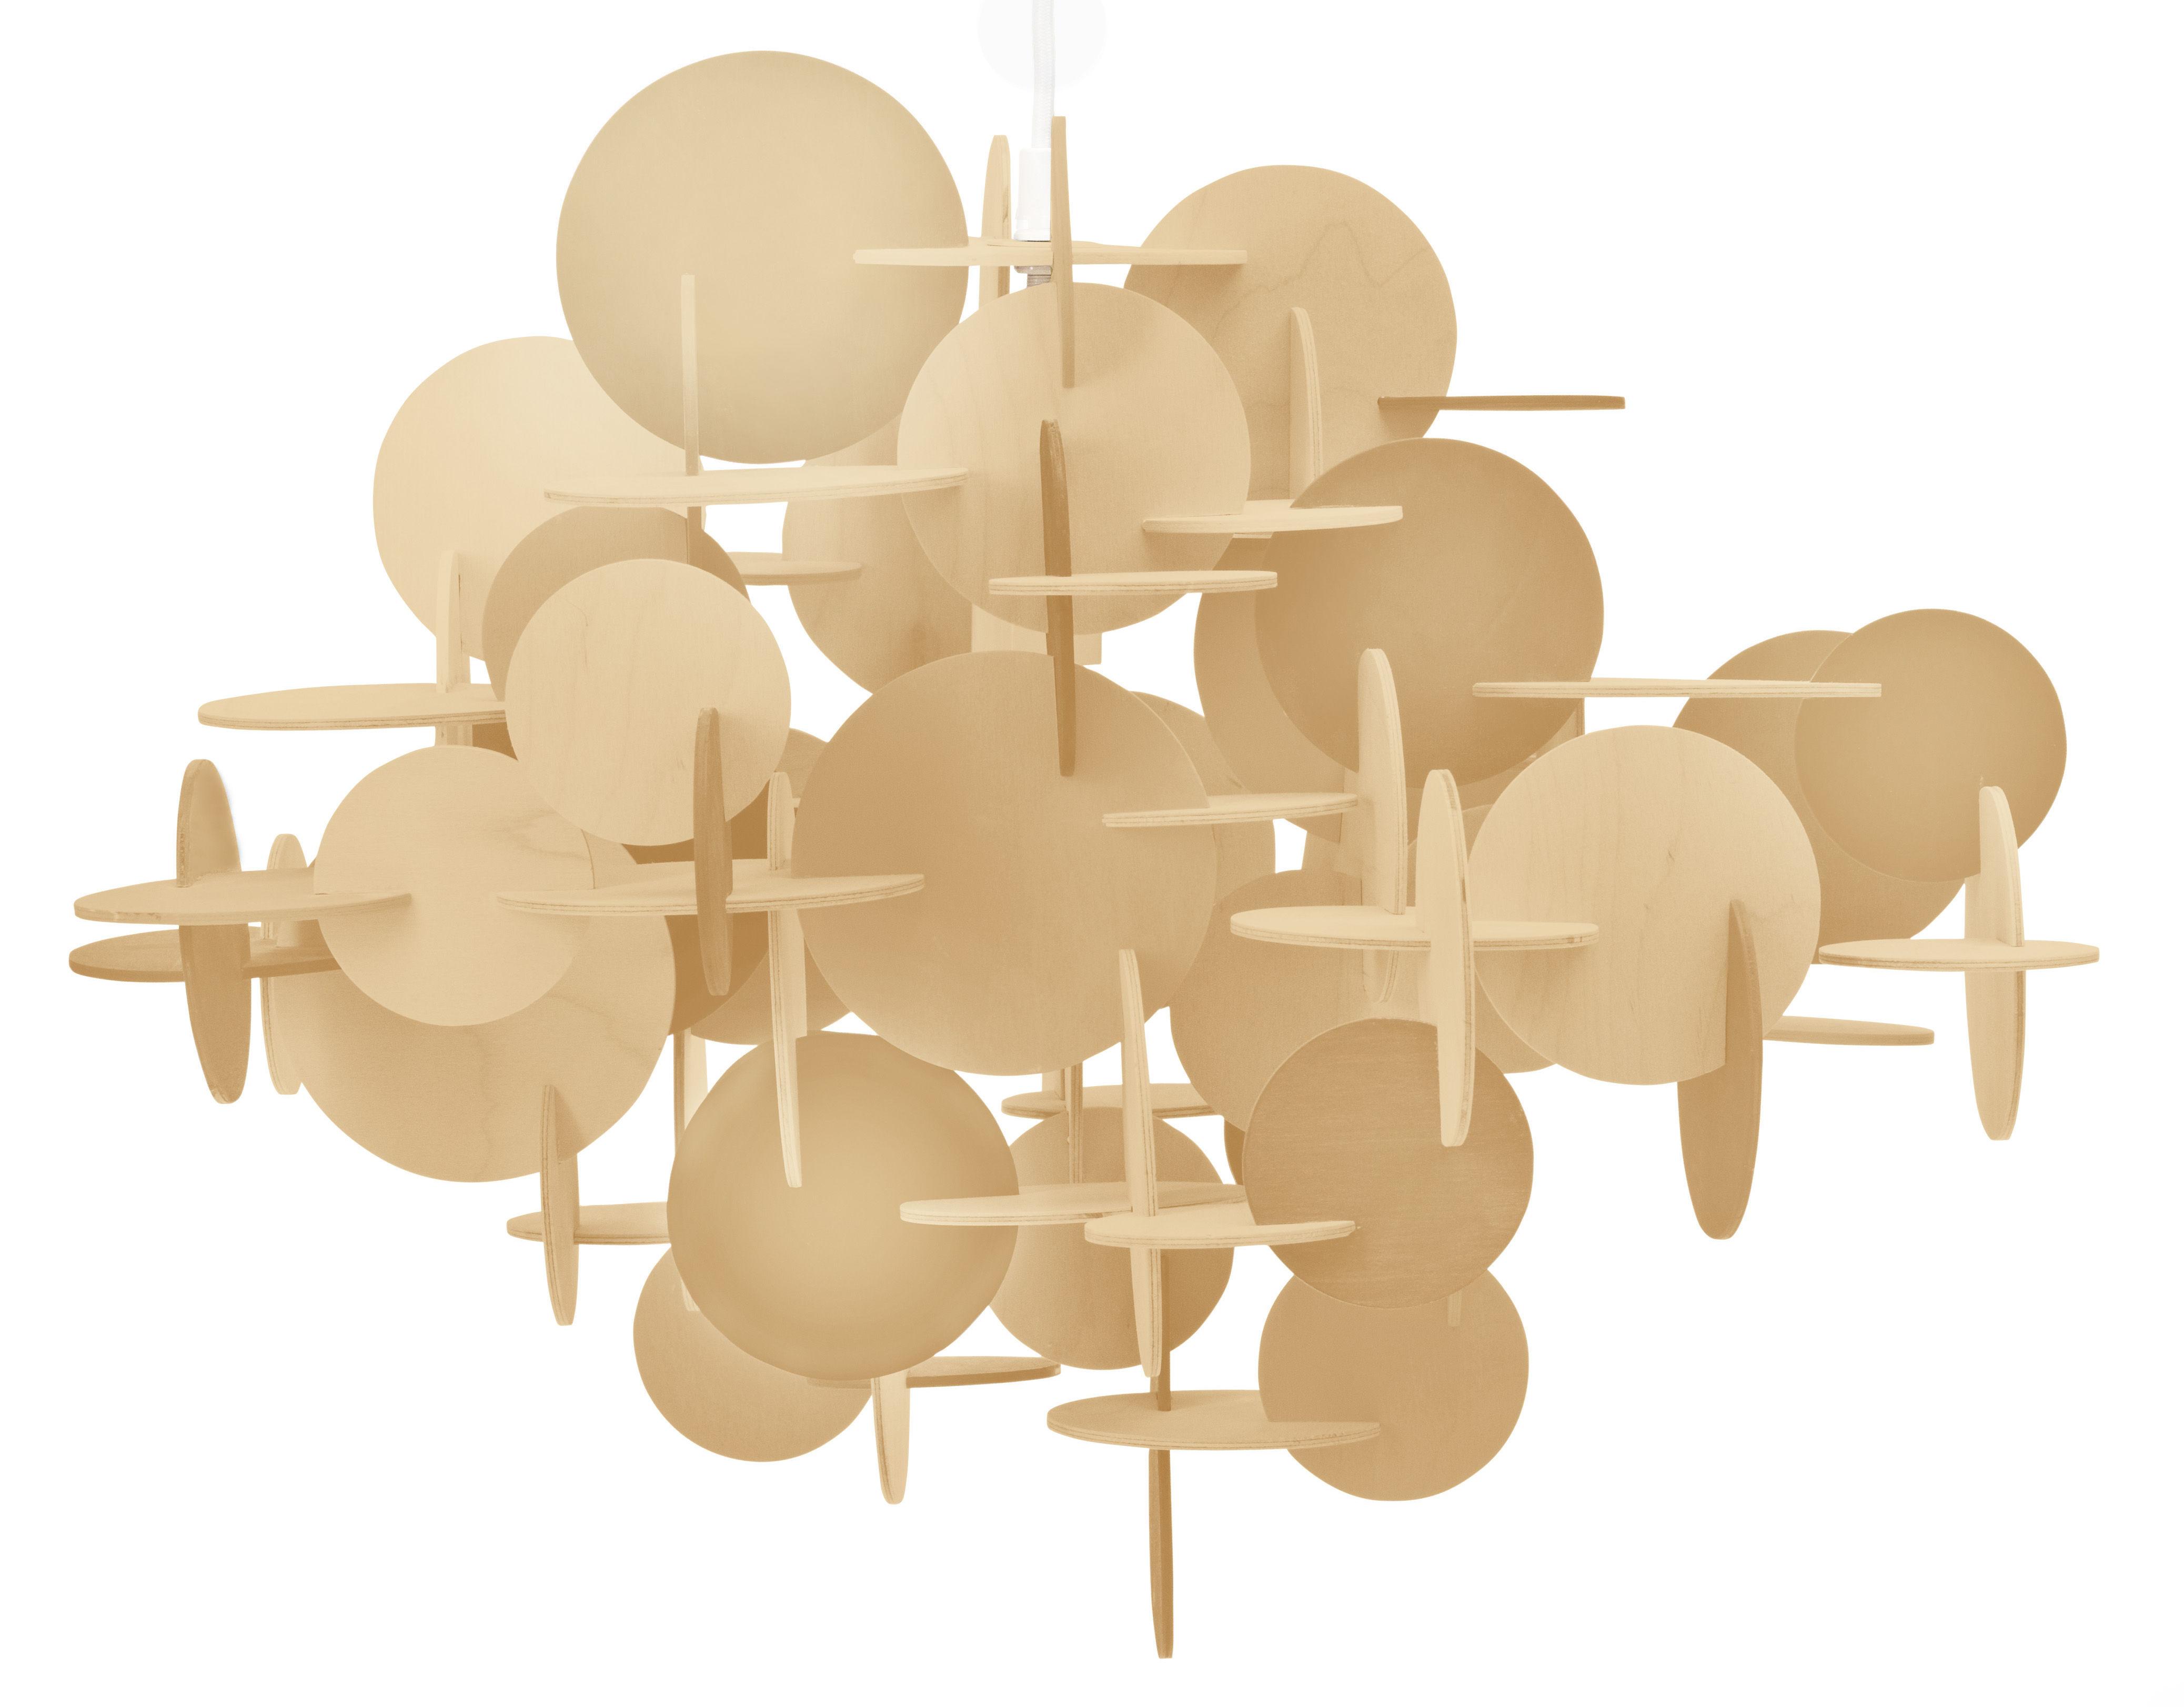 Leuchten - Pendelleuchten - Bau Small Pendelleuchte H 43 cm - Normann Copenhagen - Holz natur - H 43 cm - Kiefer